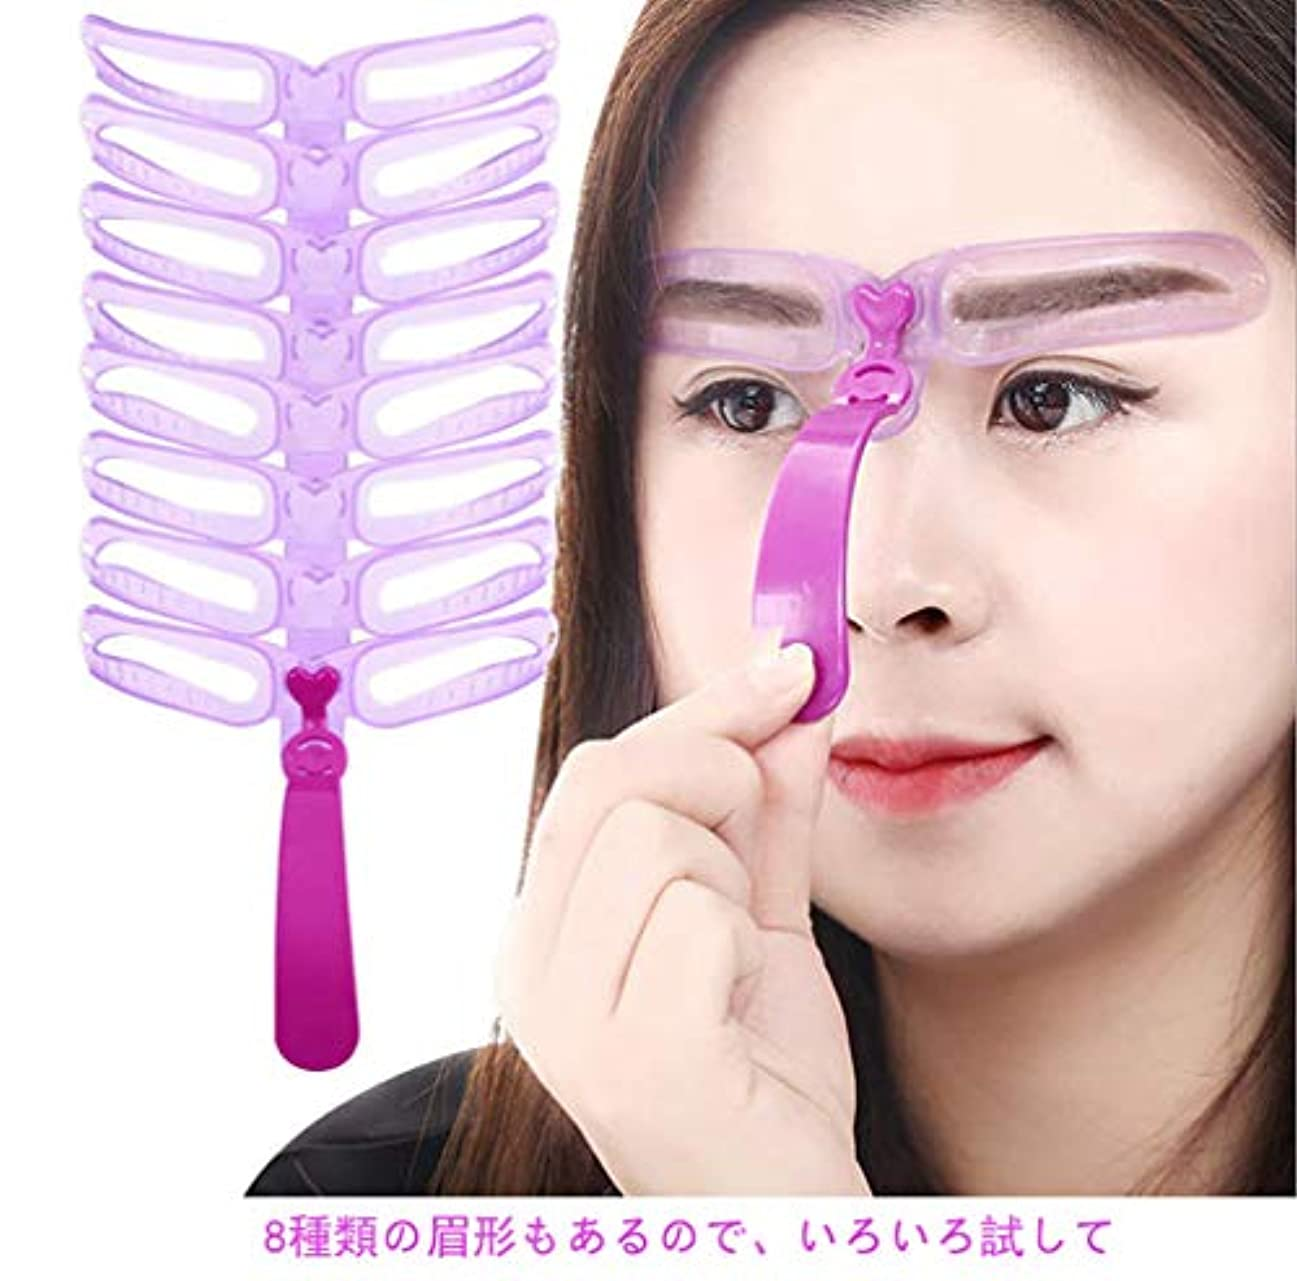 九時四十五分把握肌寒い眉毛テンプレート眉毛を気分で使い分け 8パターン 眉用ステンシル 男女兼用美容ツール